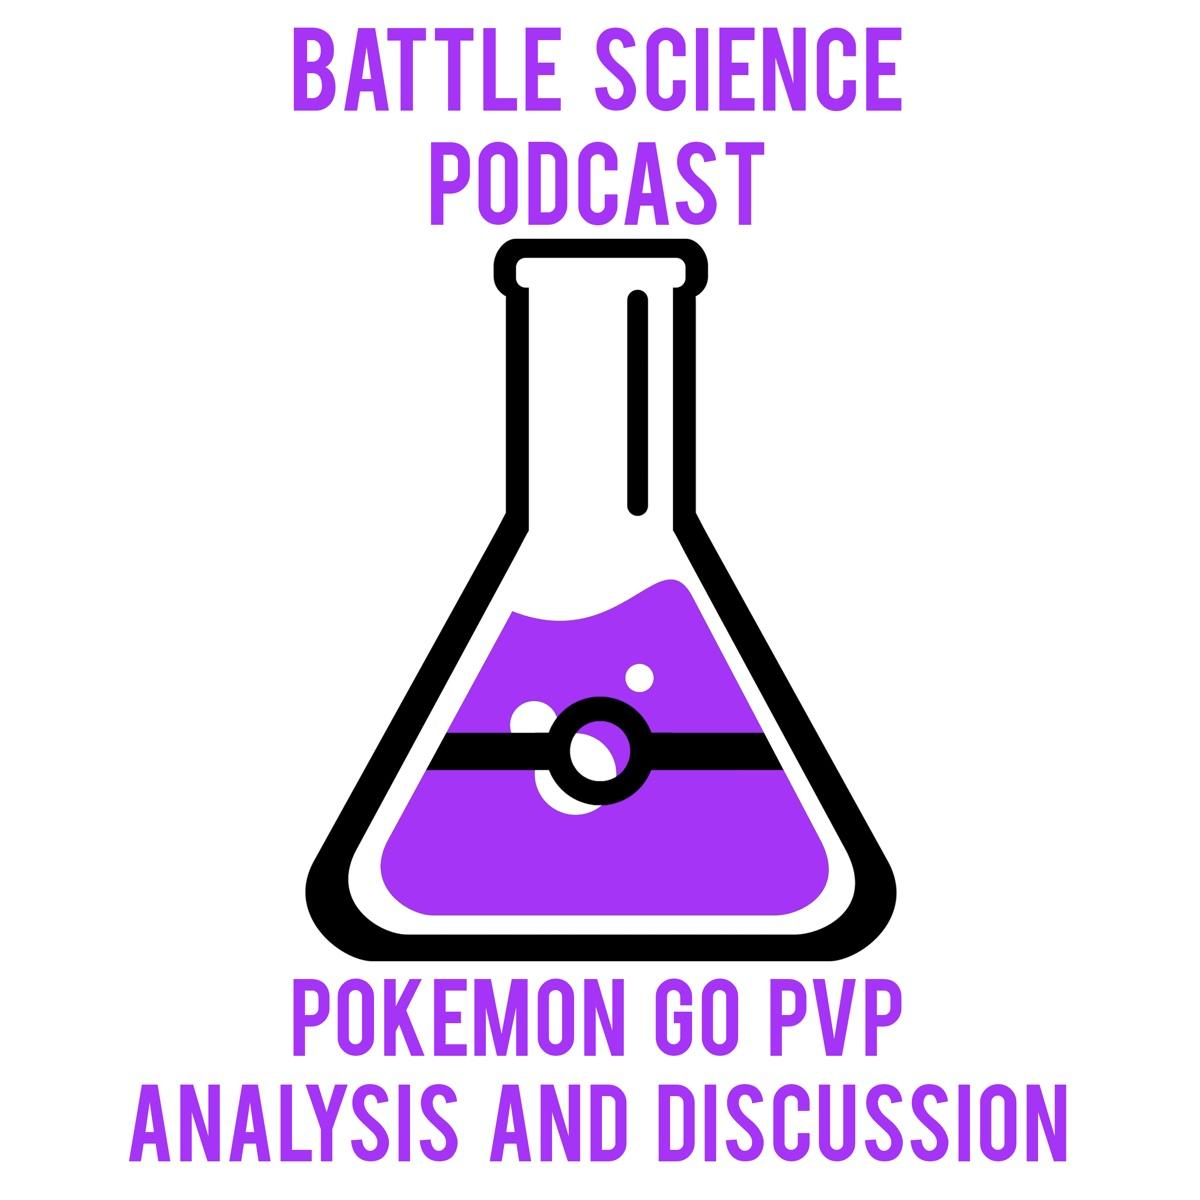 Battle science